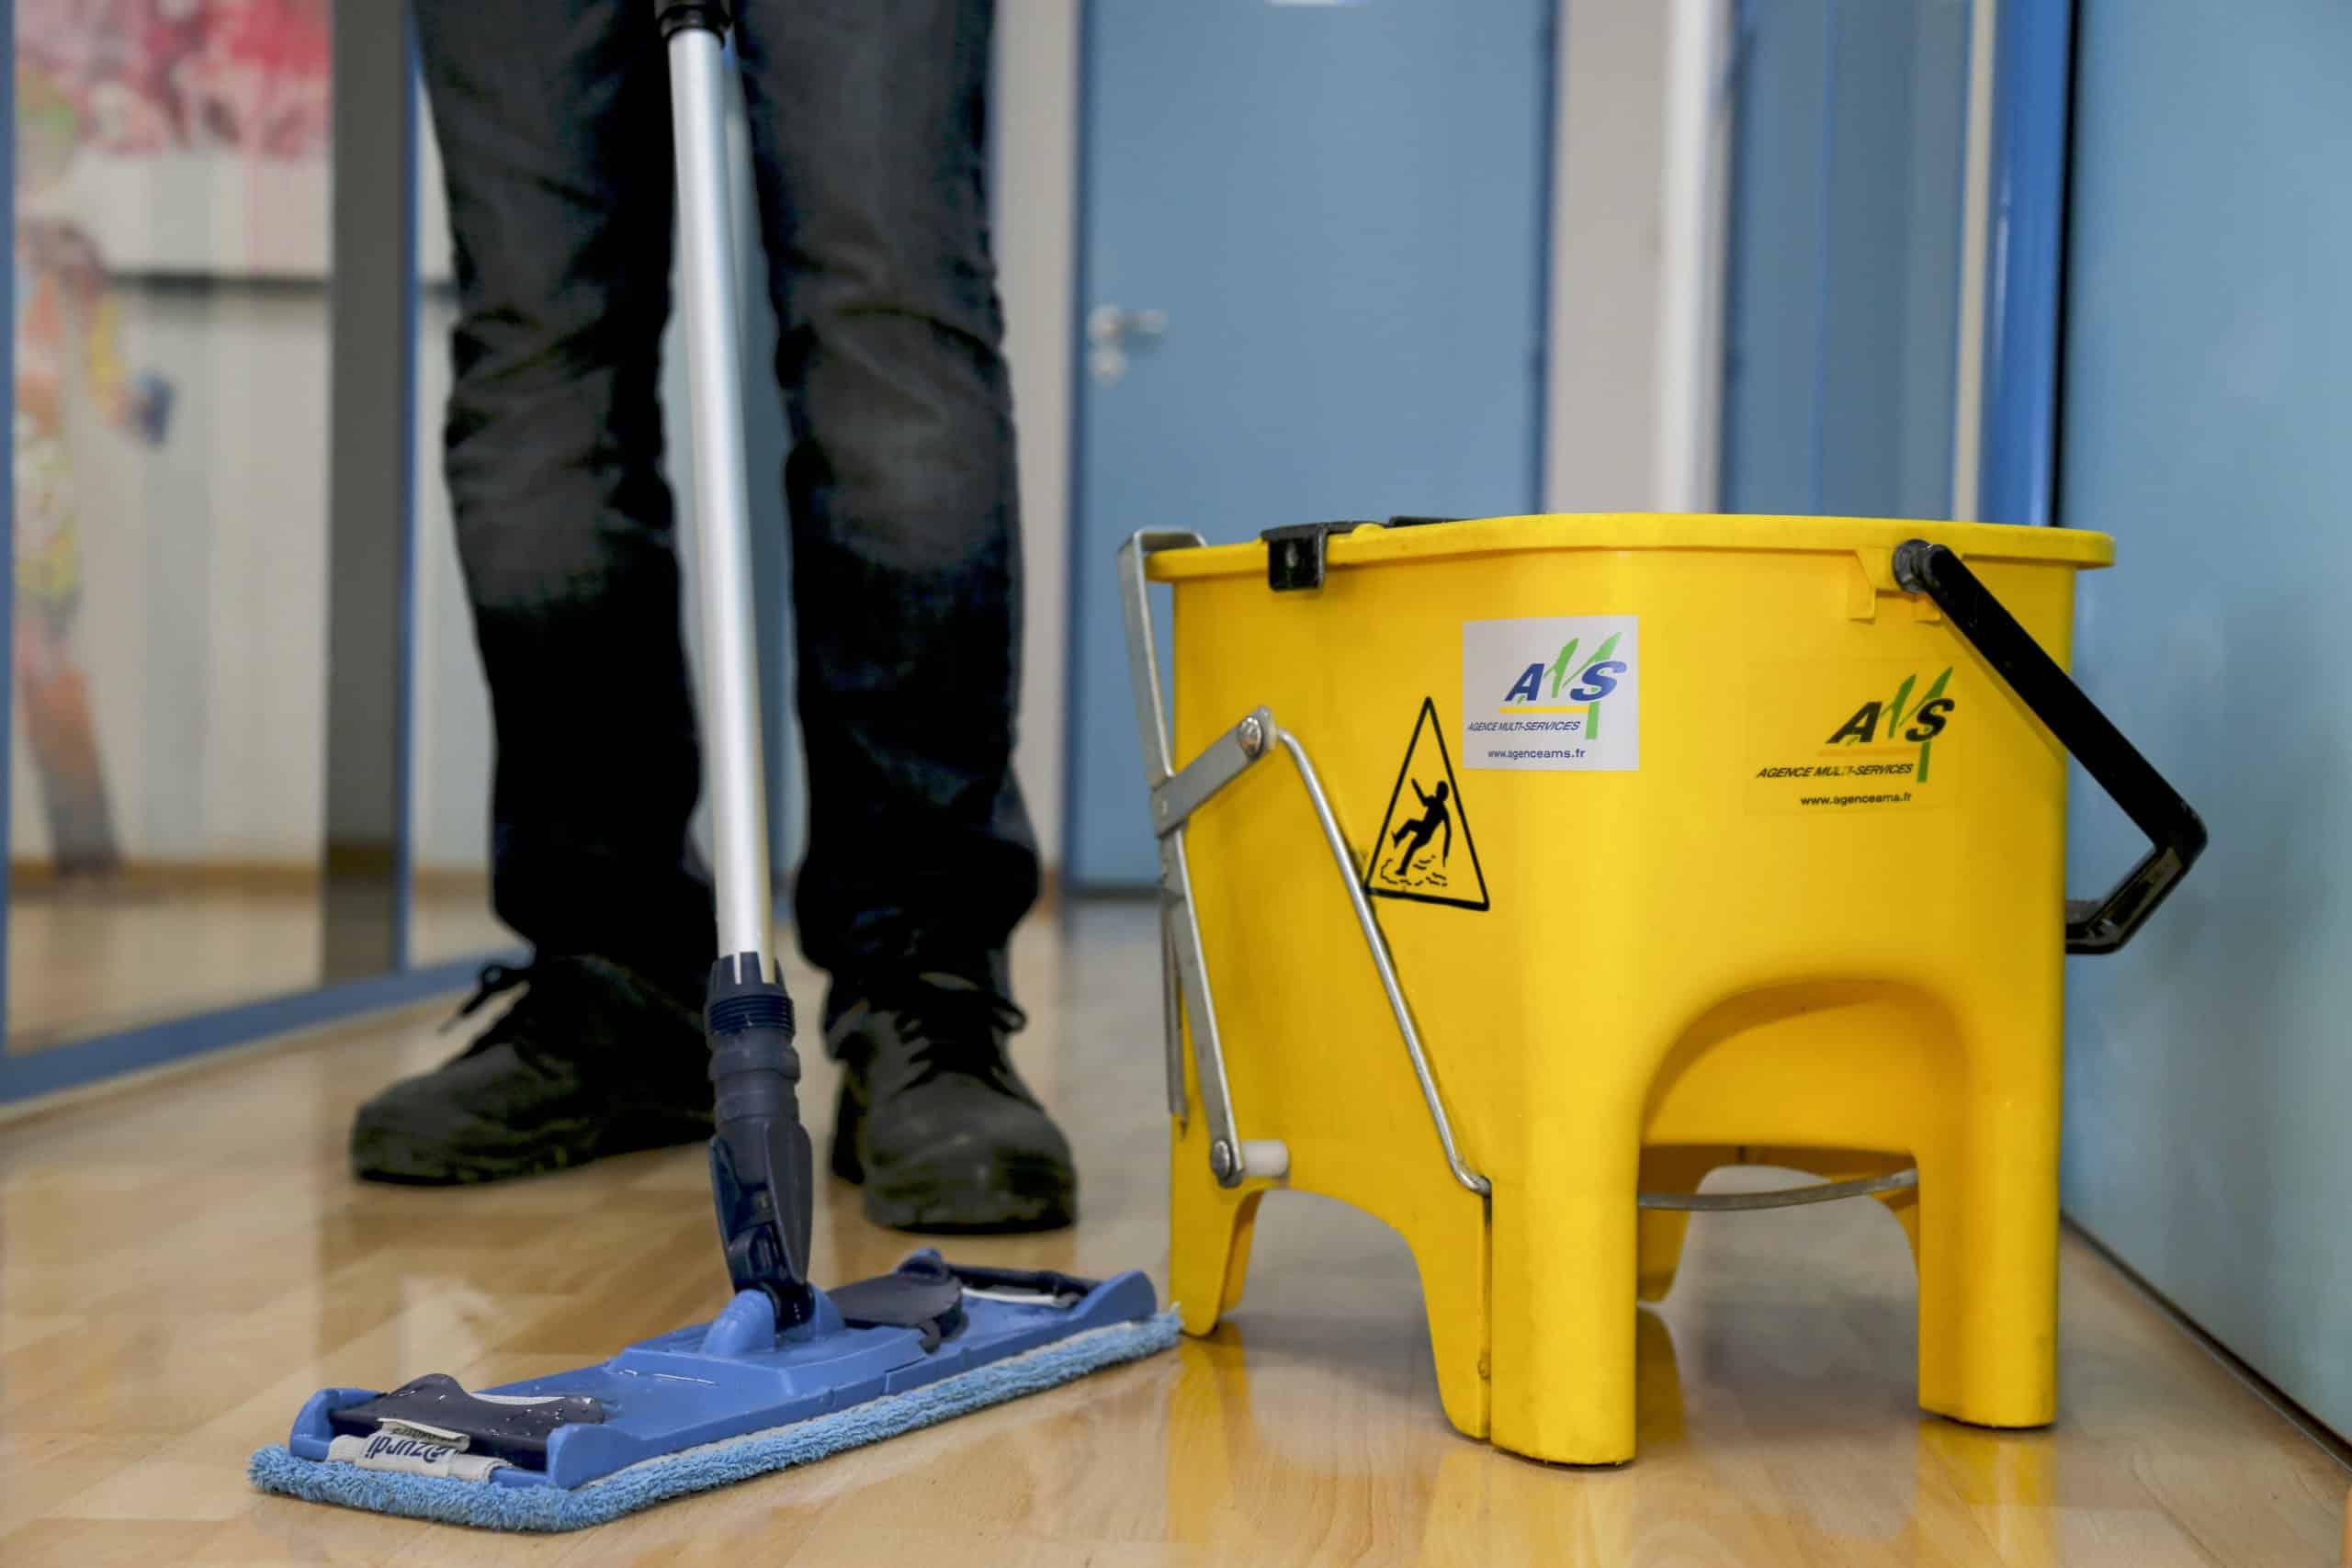 Focus métier : Agents d'entretien, de propreté, hommes et femmes de ménage.